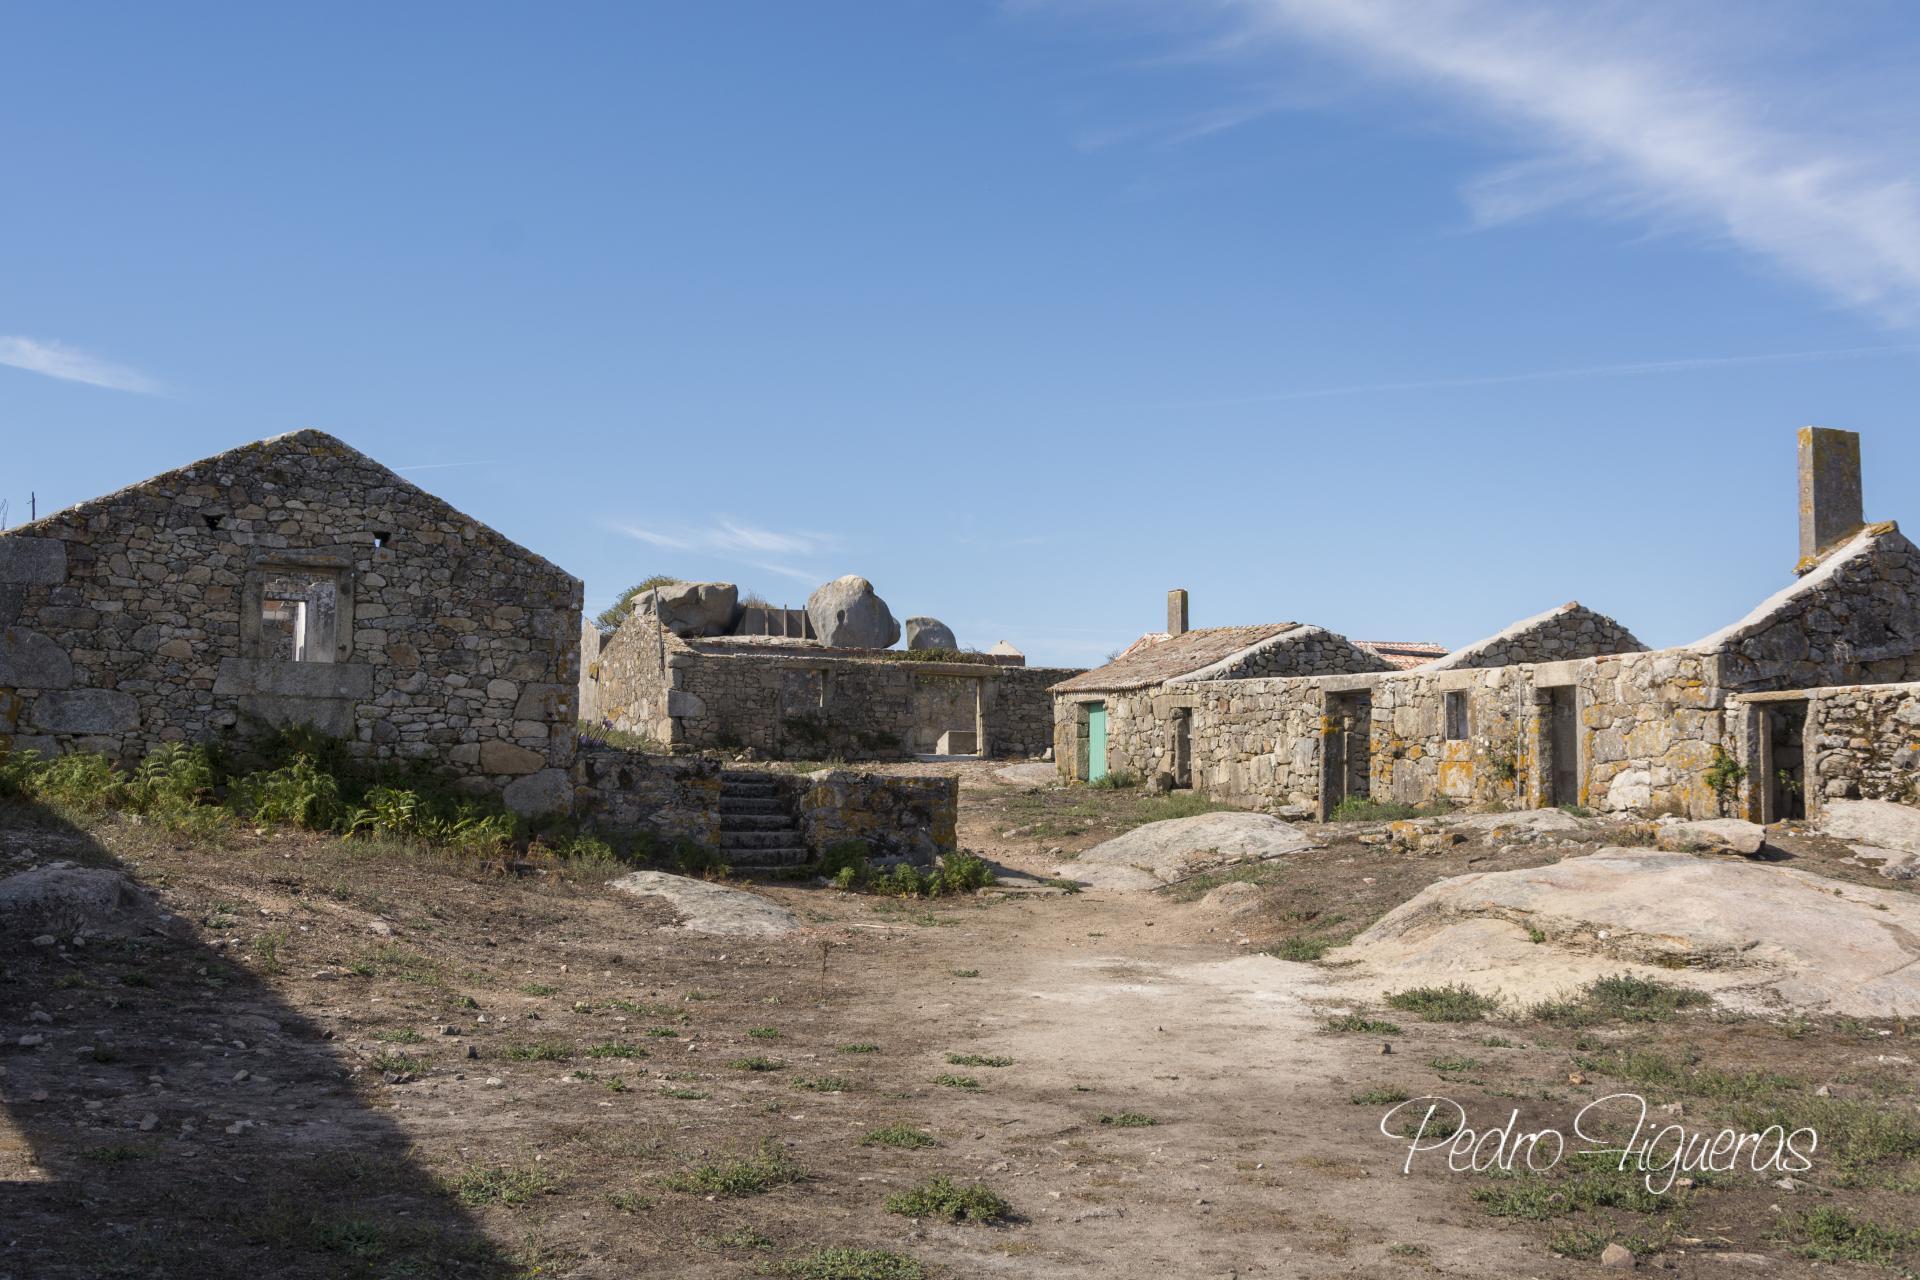 Recuperando a memoria. Fotogalería dunha nova oportunidade para a aldea de Sálvora (II)